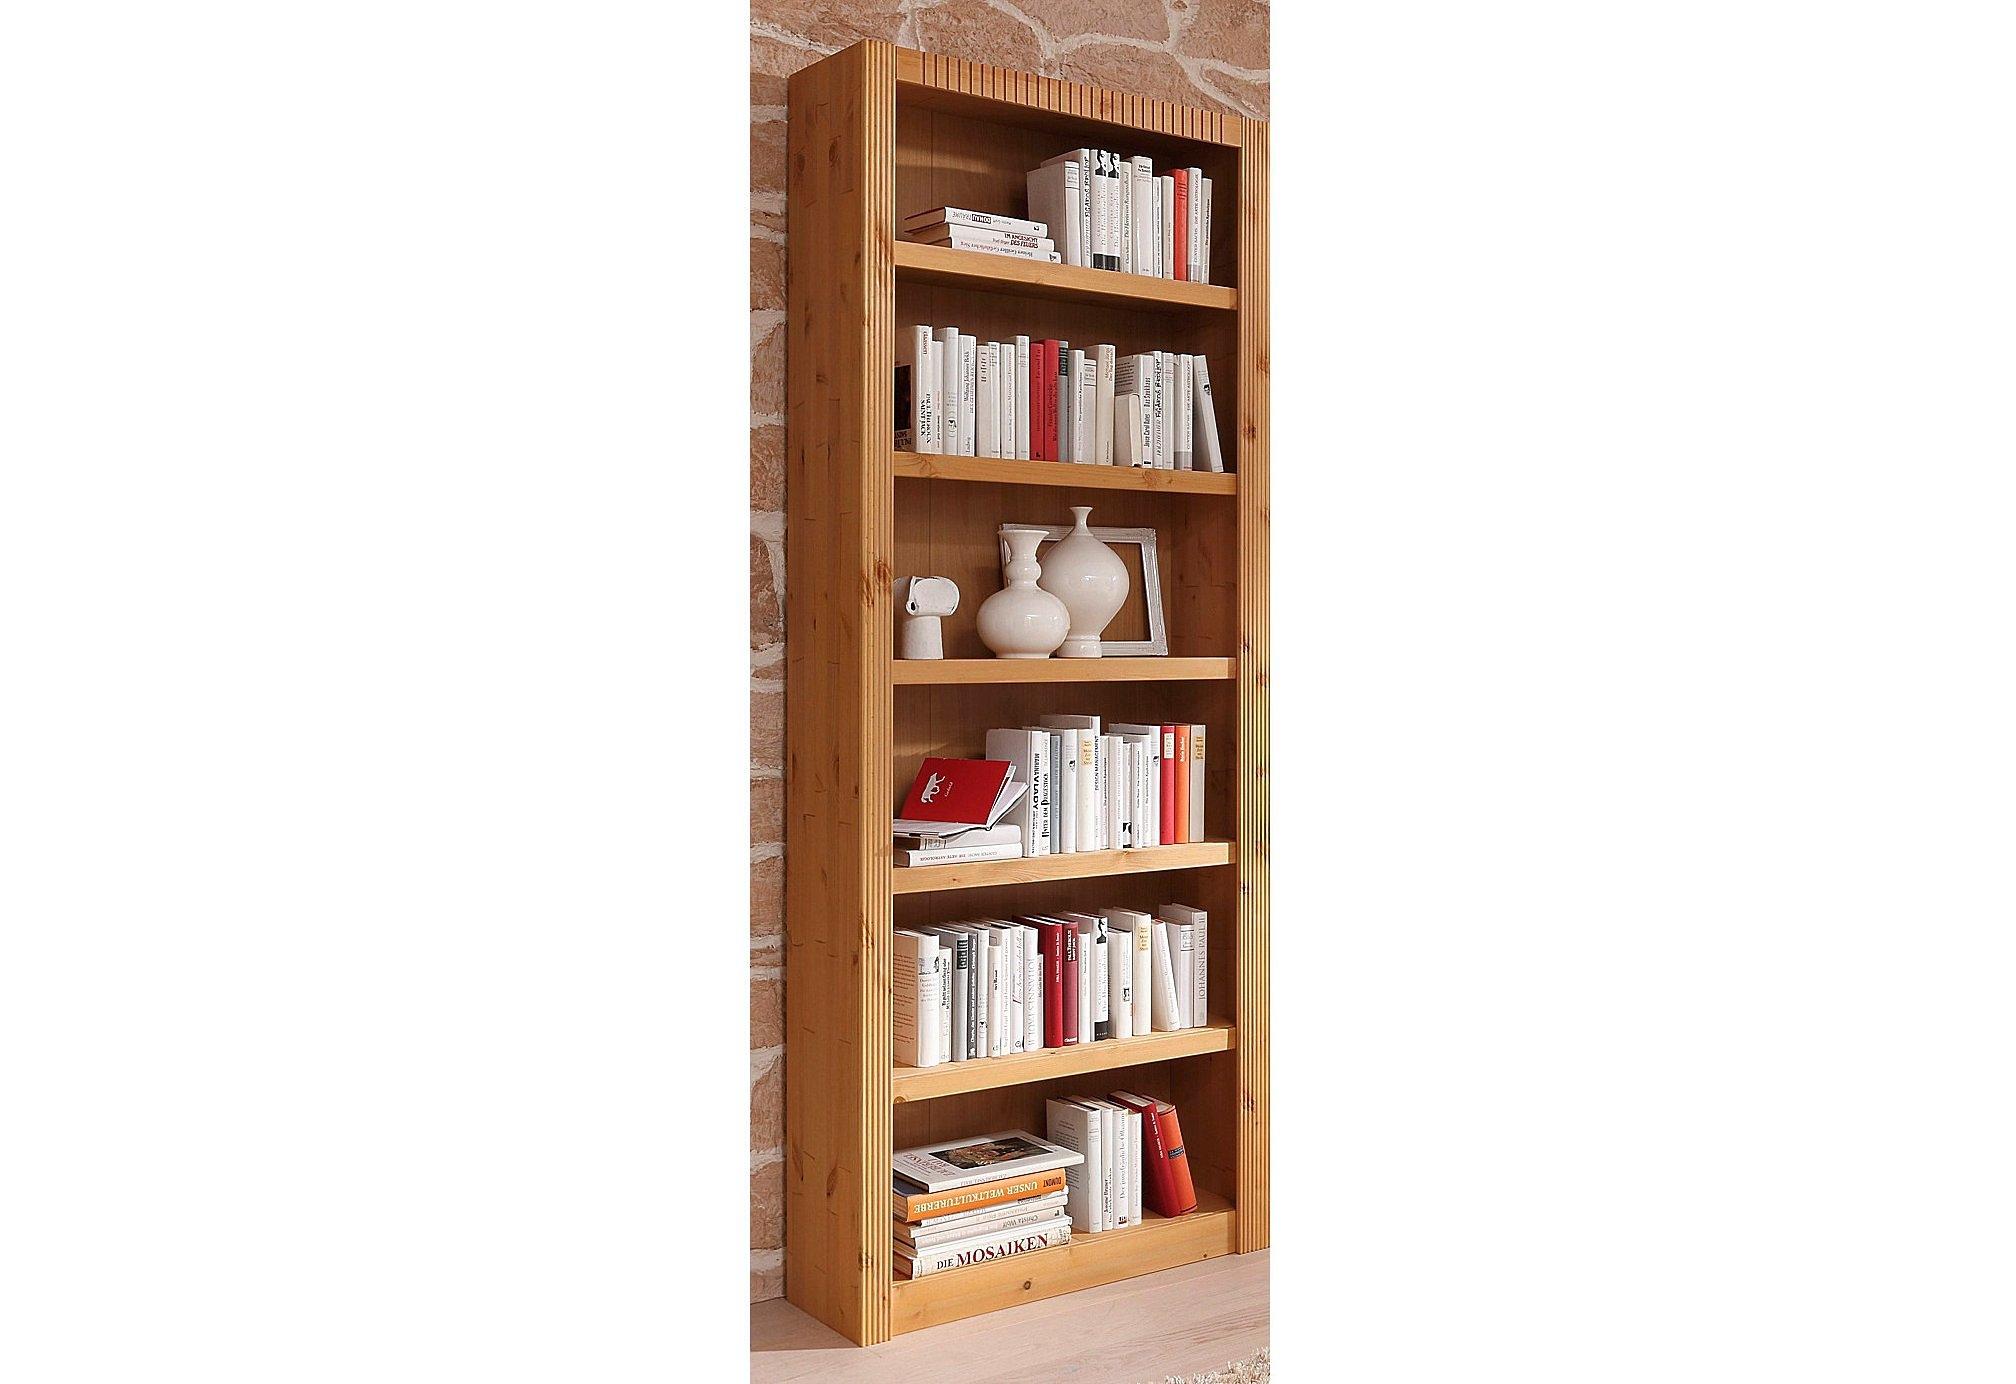 Boekenkast, basiselement, breedte 82,5 cm makkelijk gevonden | OTTO